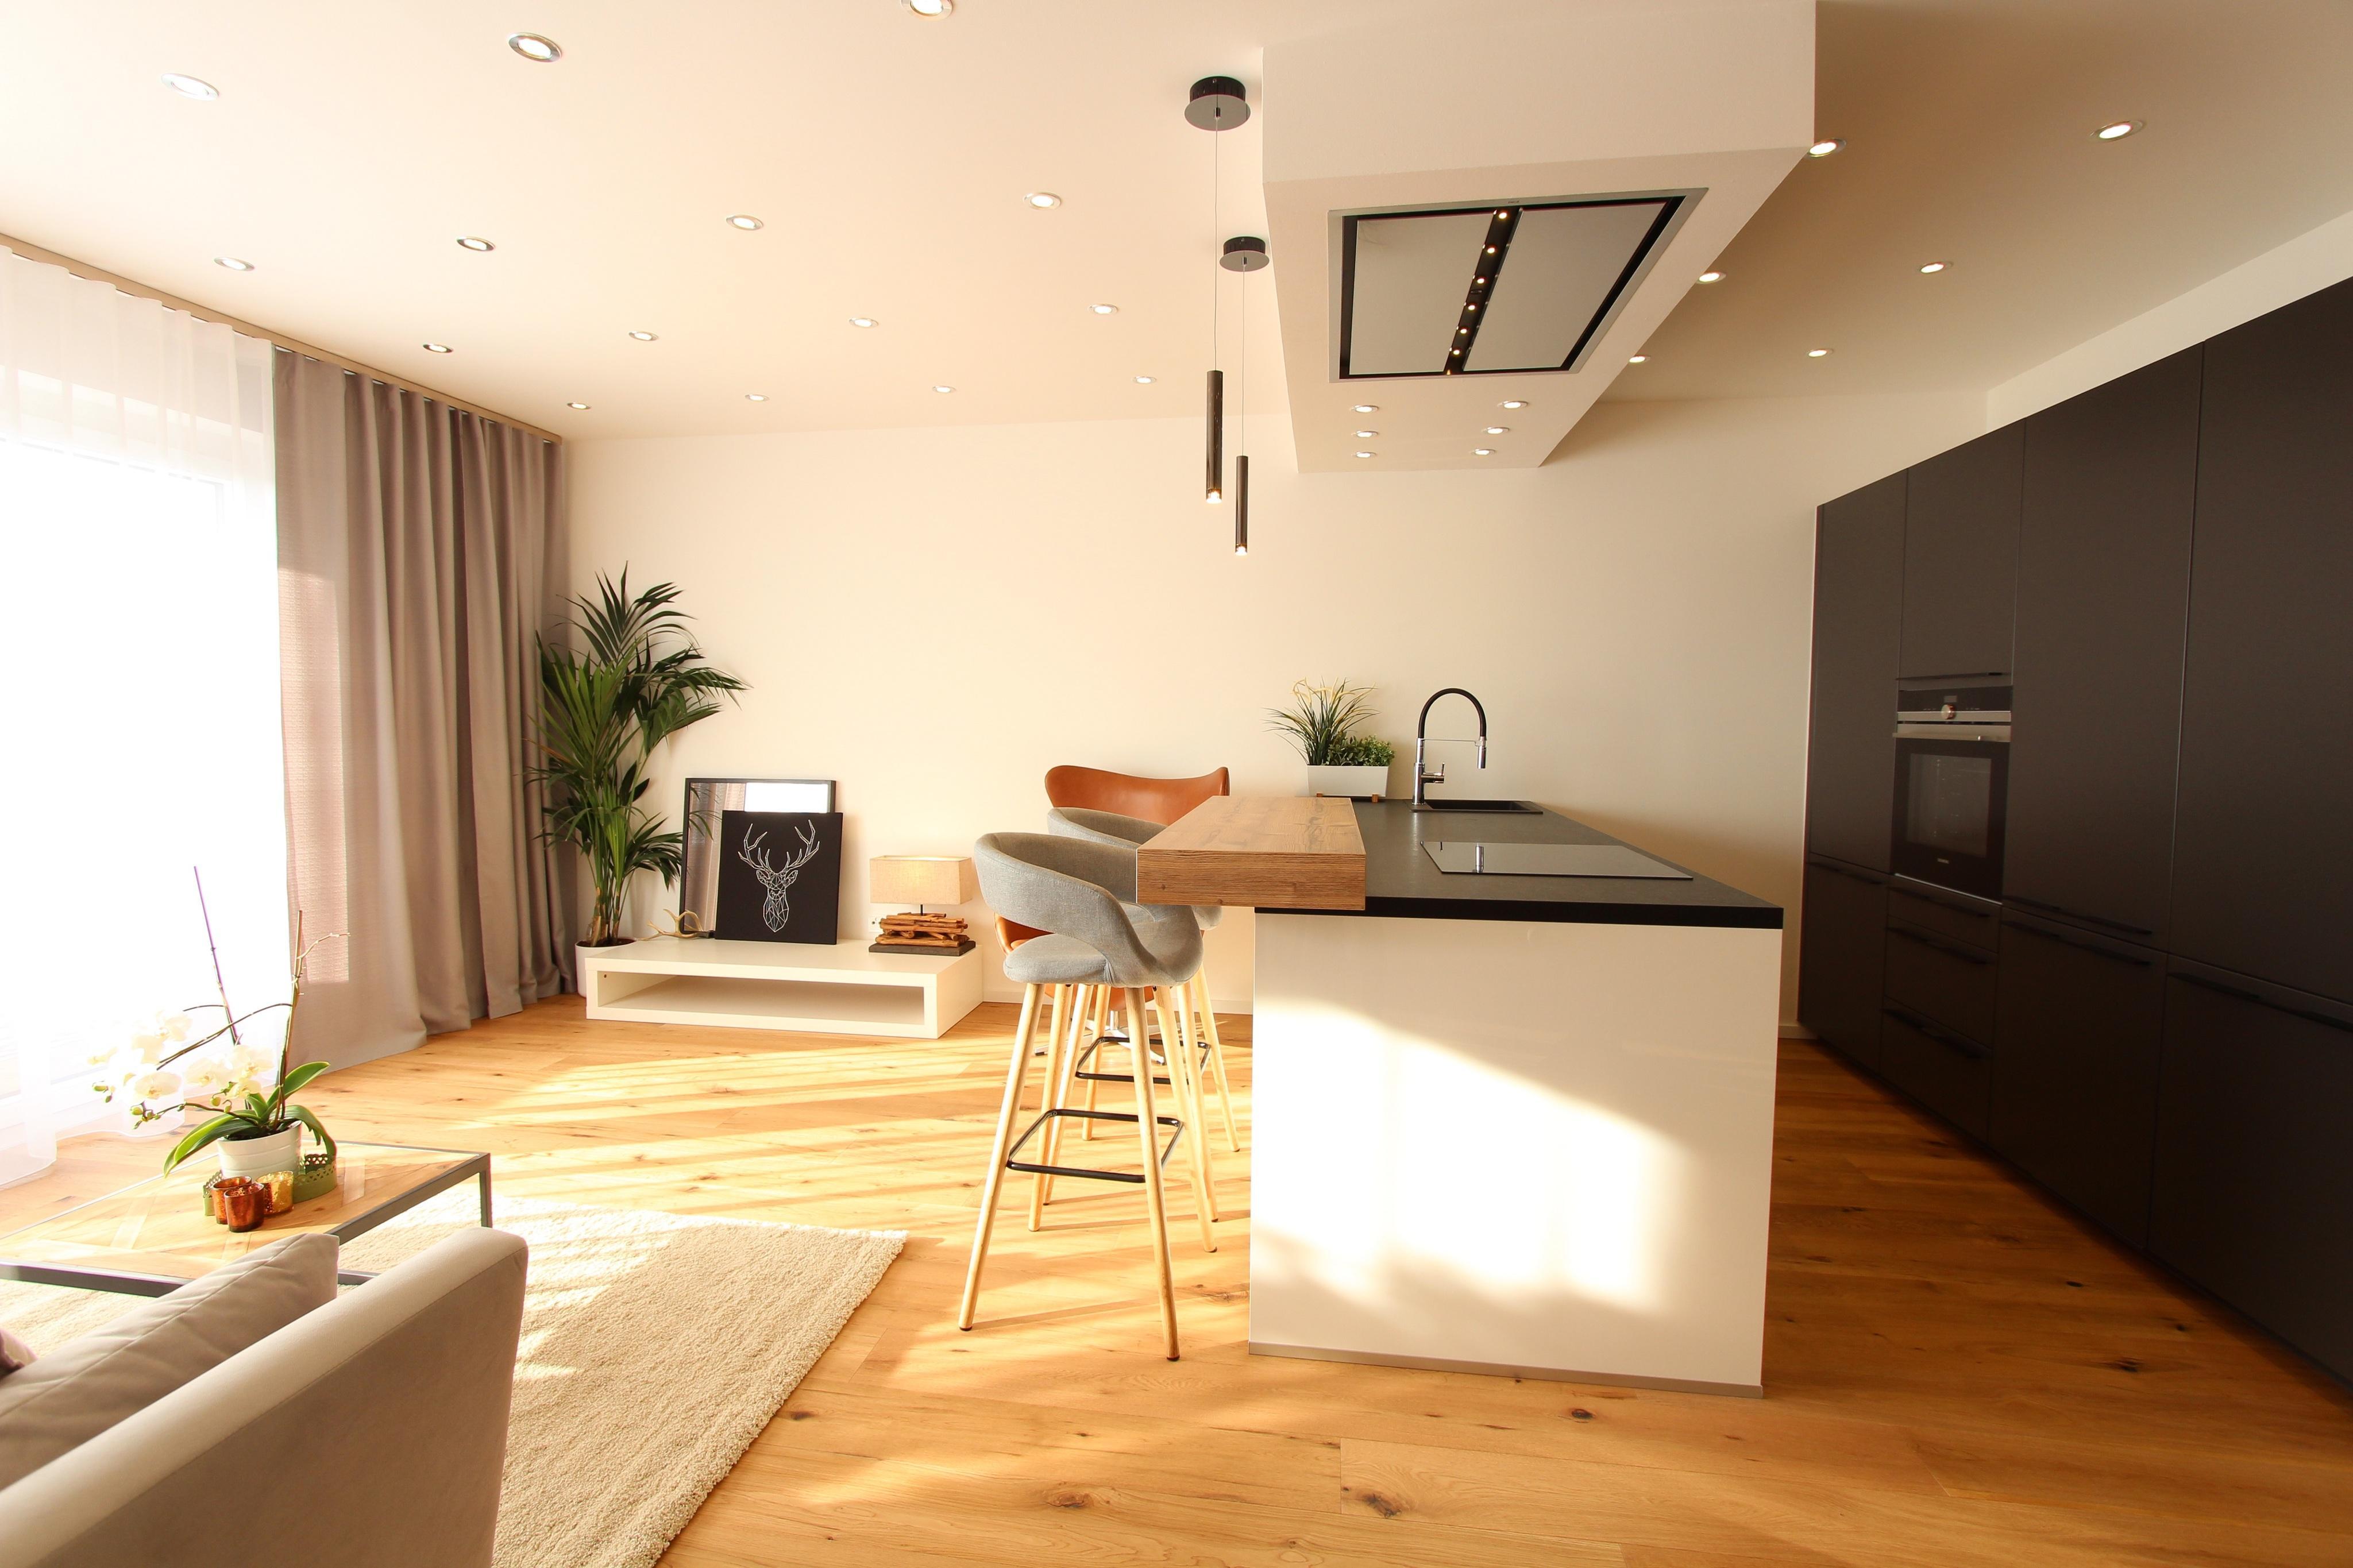 Innenarchitektur Kücheninsel Mit Theke Galerie Von Home Staging Graz #küche #wohnzimmer #theke #kücheninsel